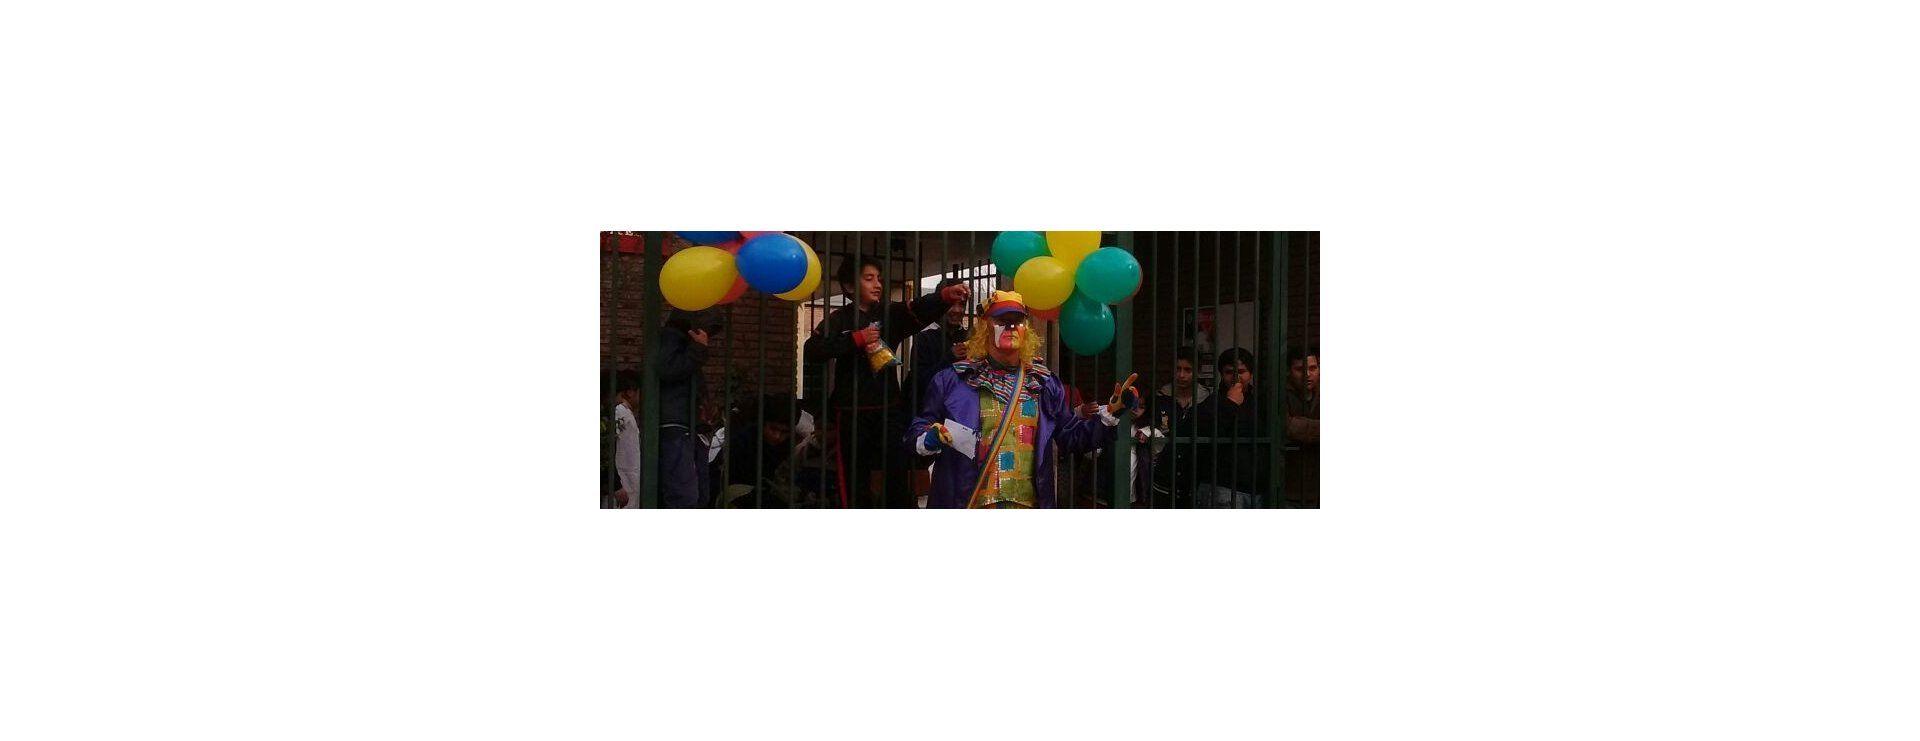 Los chicos de la escuela Ignacio Rodríguez Nº 884 festejaron el día del niño